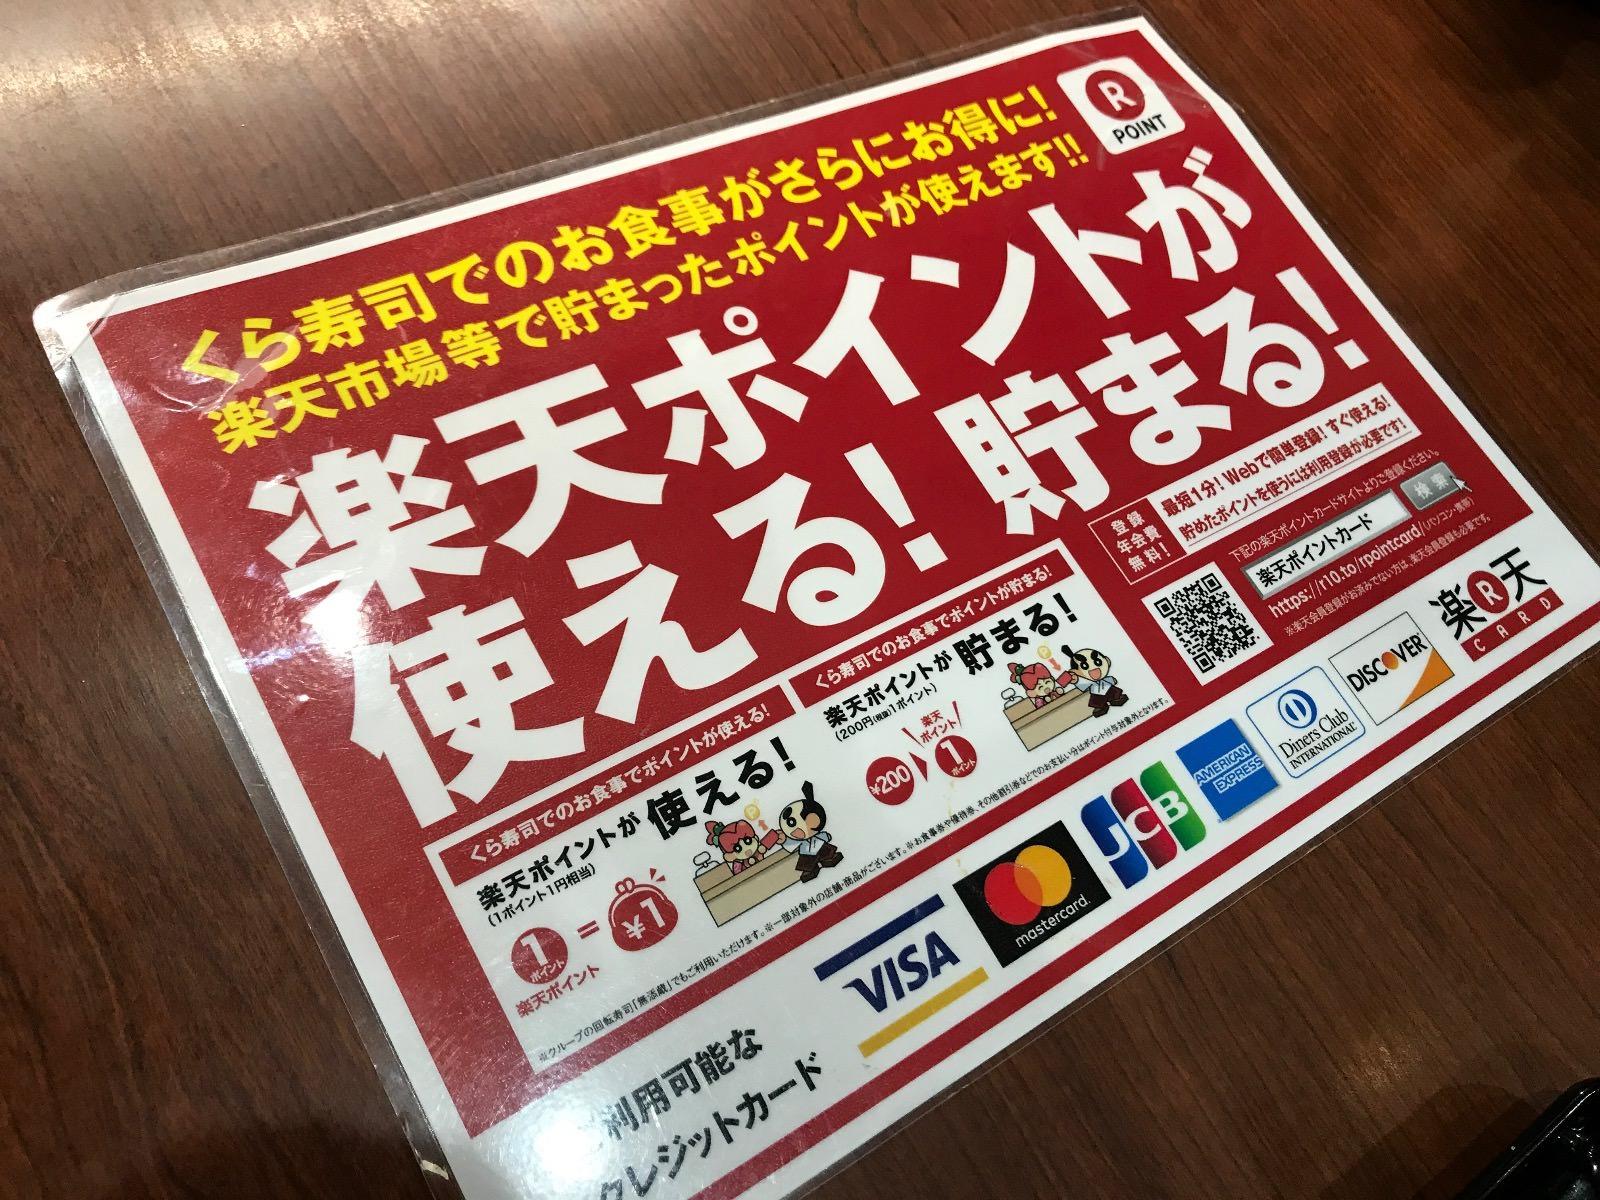 Kura zushi rakuten 9947